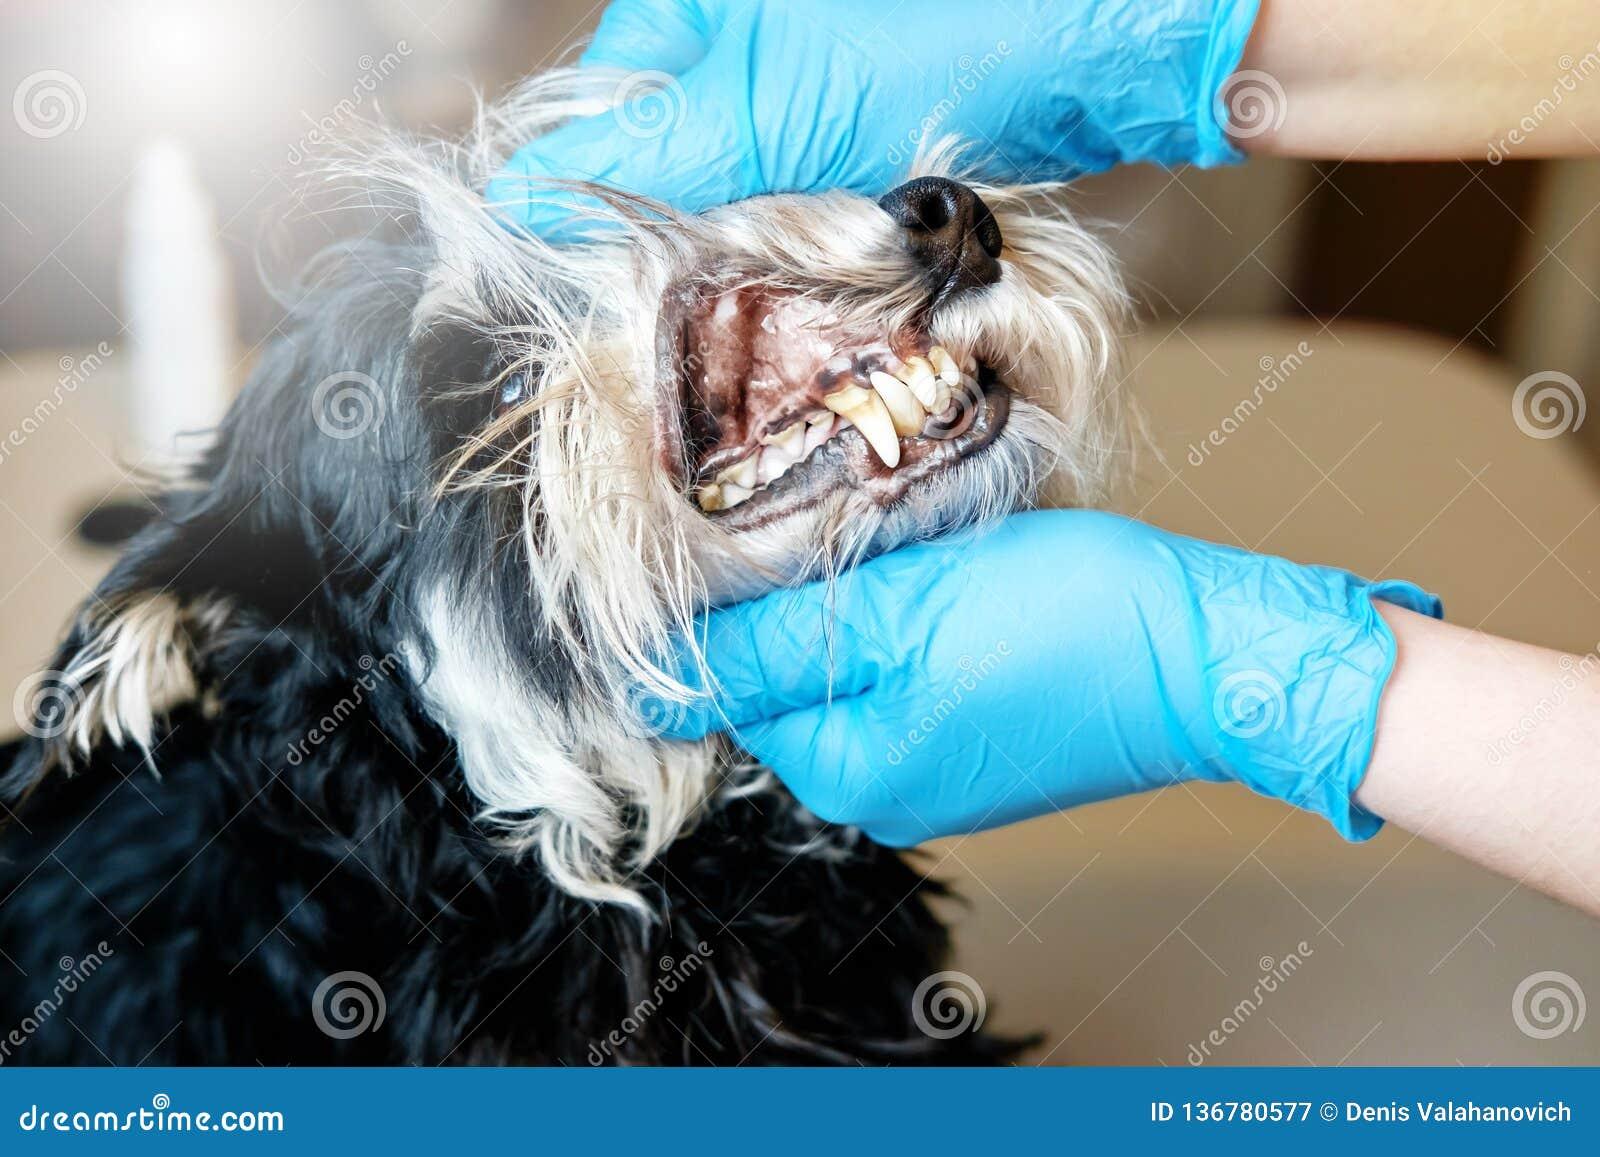 El doctor examina los dientes de un perro